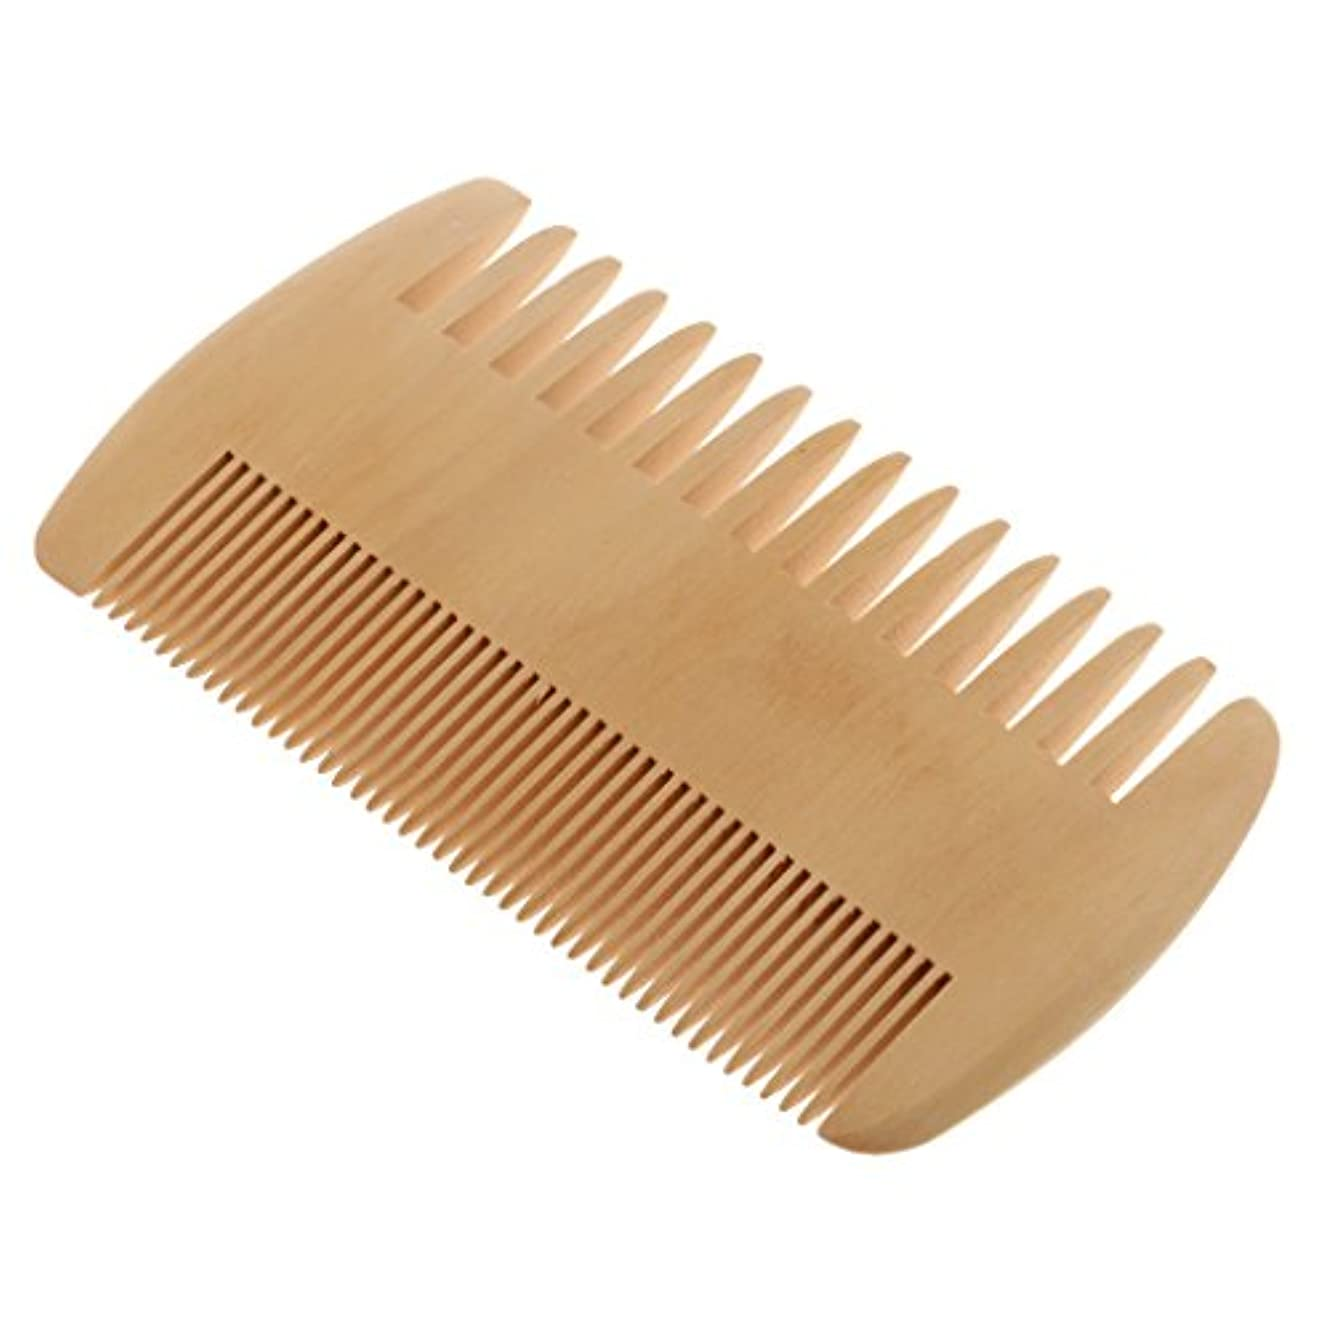 満足できるうなり声対角線Toygogo ヘアコーム 木製コーム 木製櫛 ポケットコーム マッサージの櫛 帯電防止 2倍 密度の歯